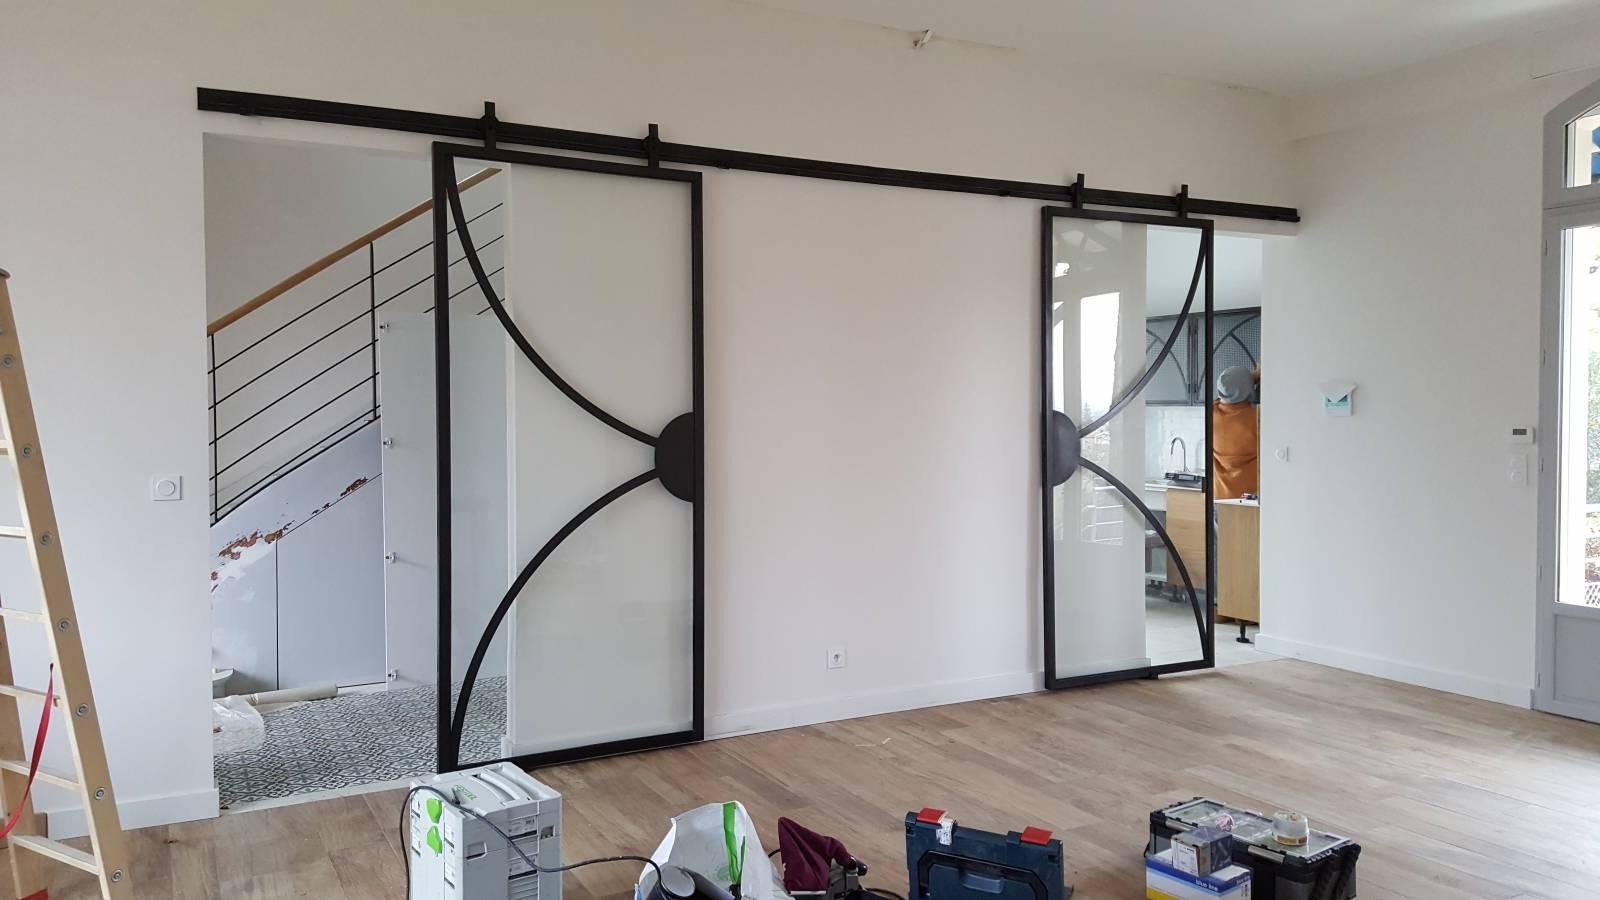 fabrication de verri res style industriel sur mesure bordeaux fabrication de mobilier bois. Black Bedroom Furniture Sets. Home Design Ideas